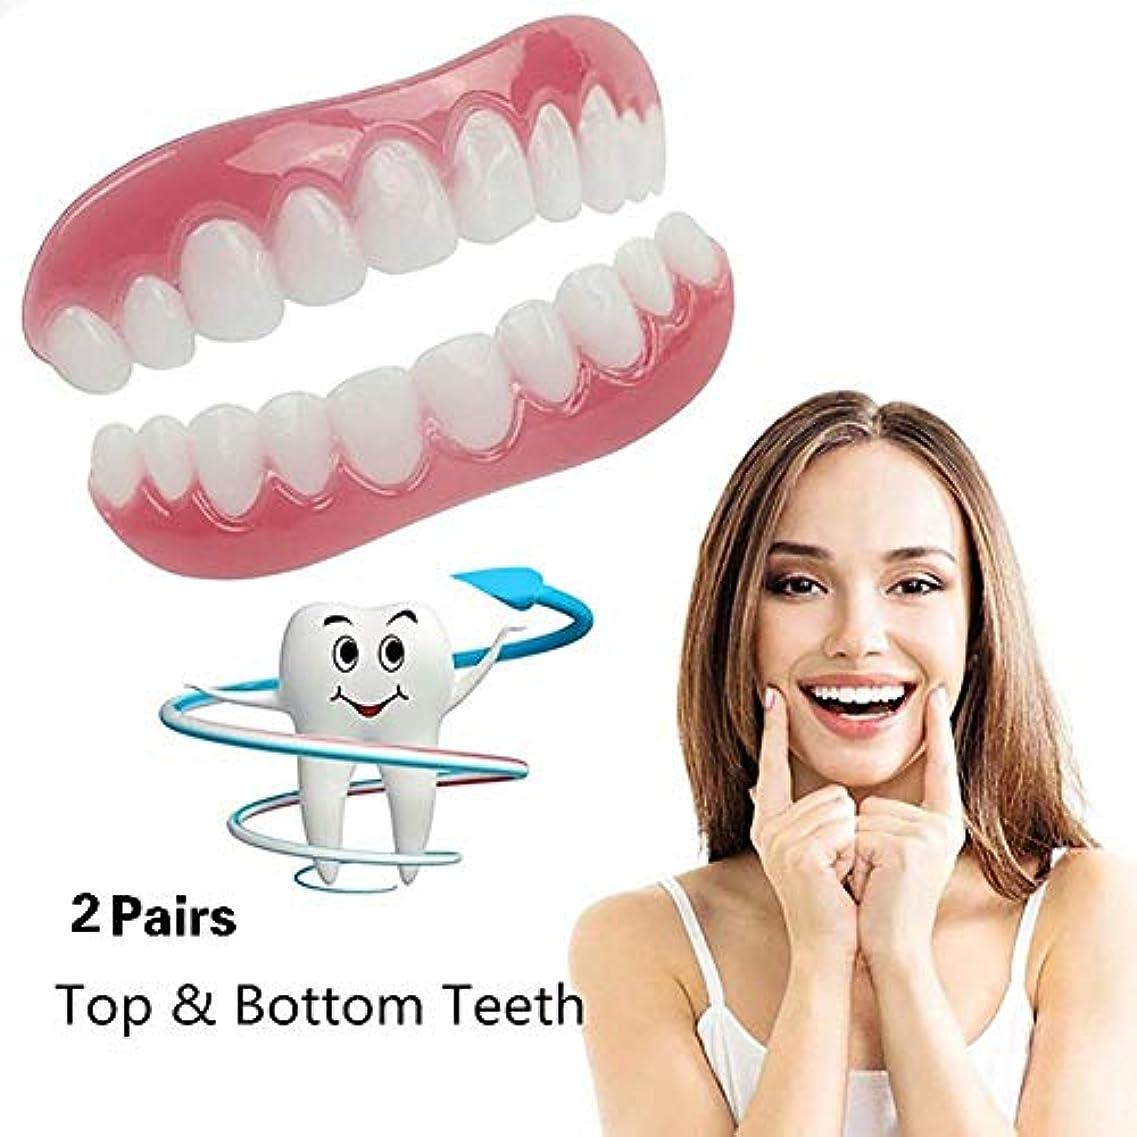 魅力的であることへのアピールインディカセマフォ2対のシリコーンの歯のベニヤの歯の快適さのフィットフレックス化粧品の歯義歯の歯のトップとボトム化粧品のベニヤのシミュレーションのブレースワンサイズフィットすべて